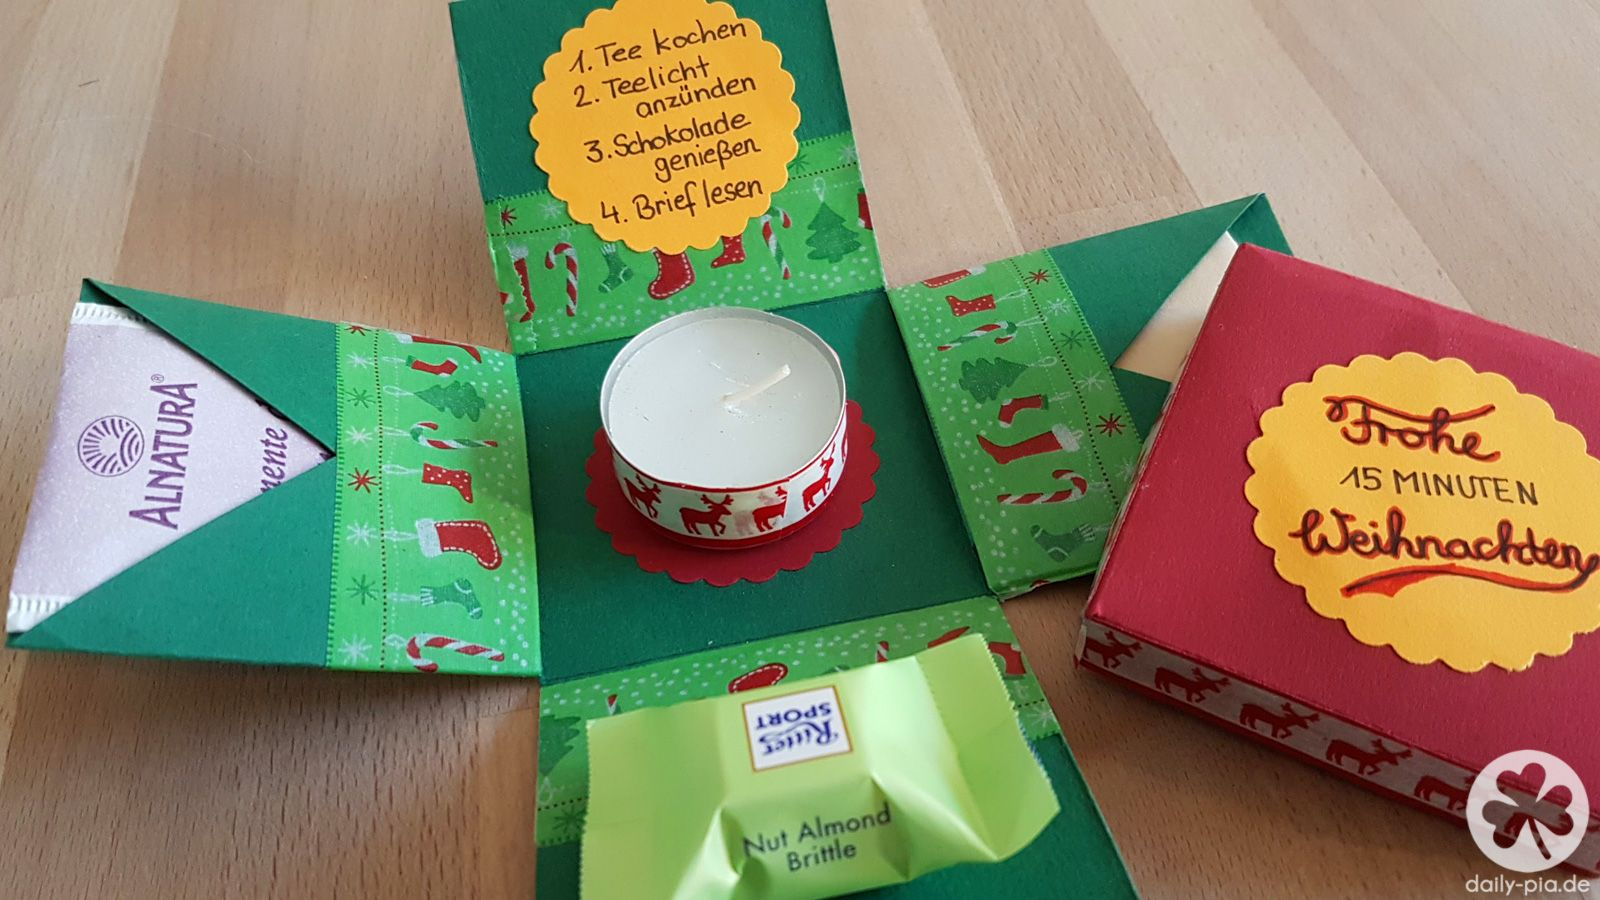 Diy 15 minuten auszeit box geschenk f r erzieherin - Geschenk erzieherin weihnachten ...